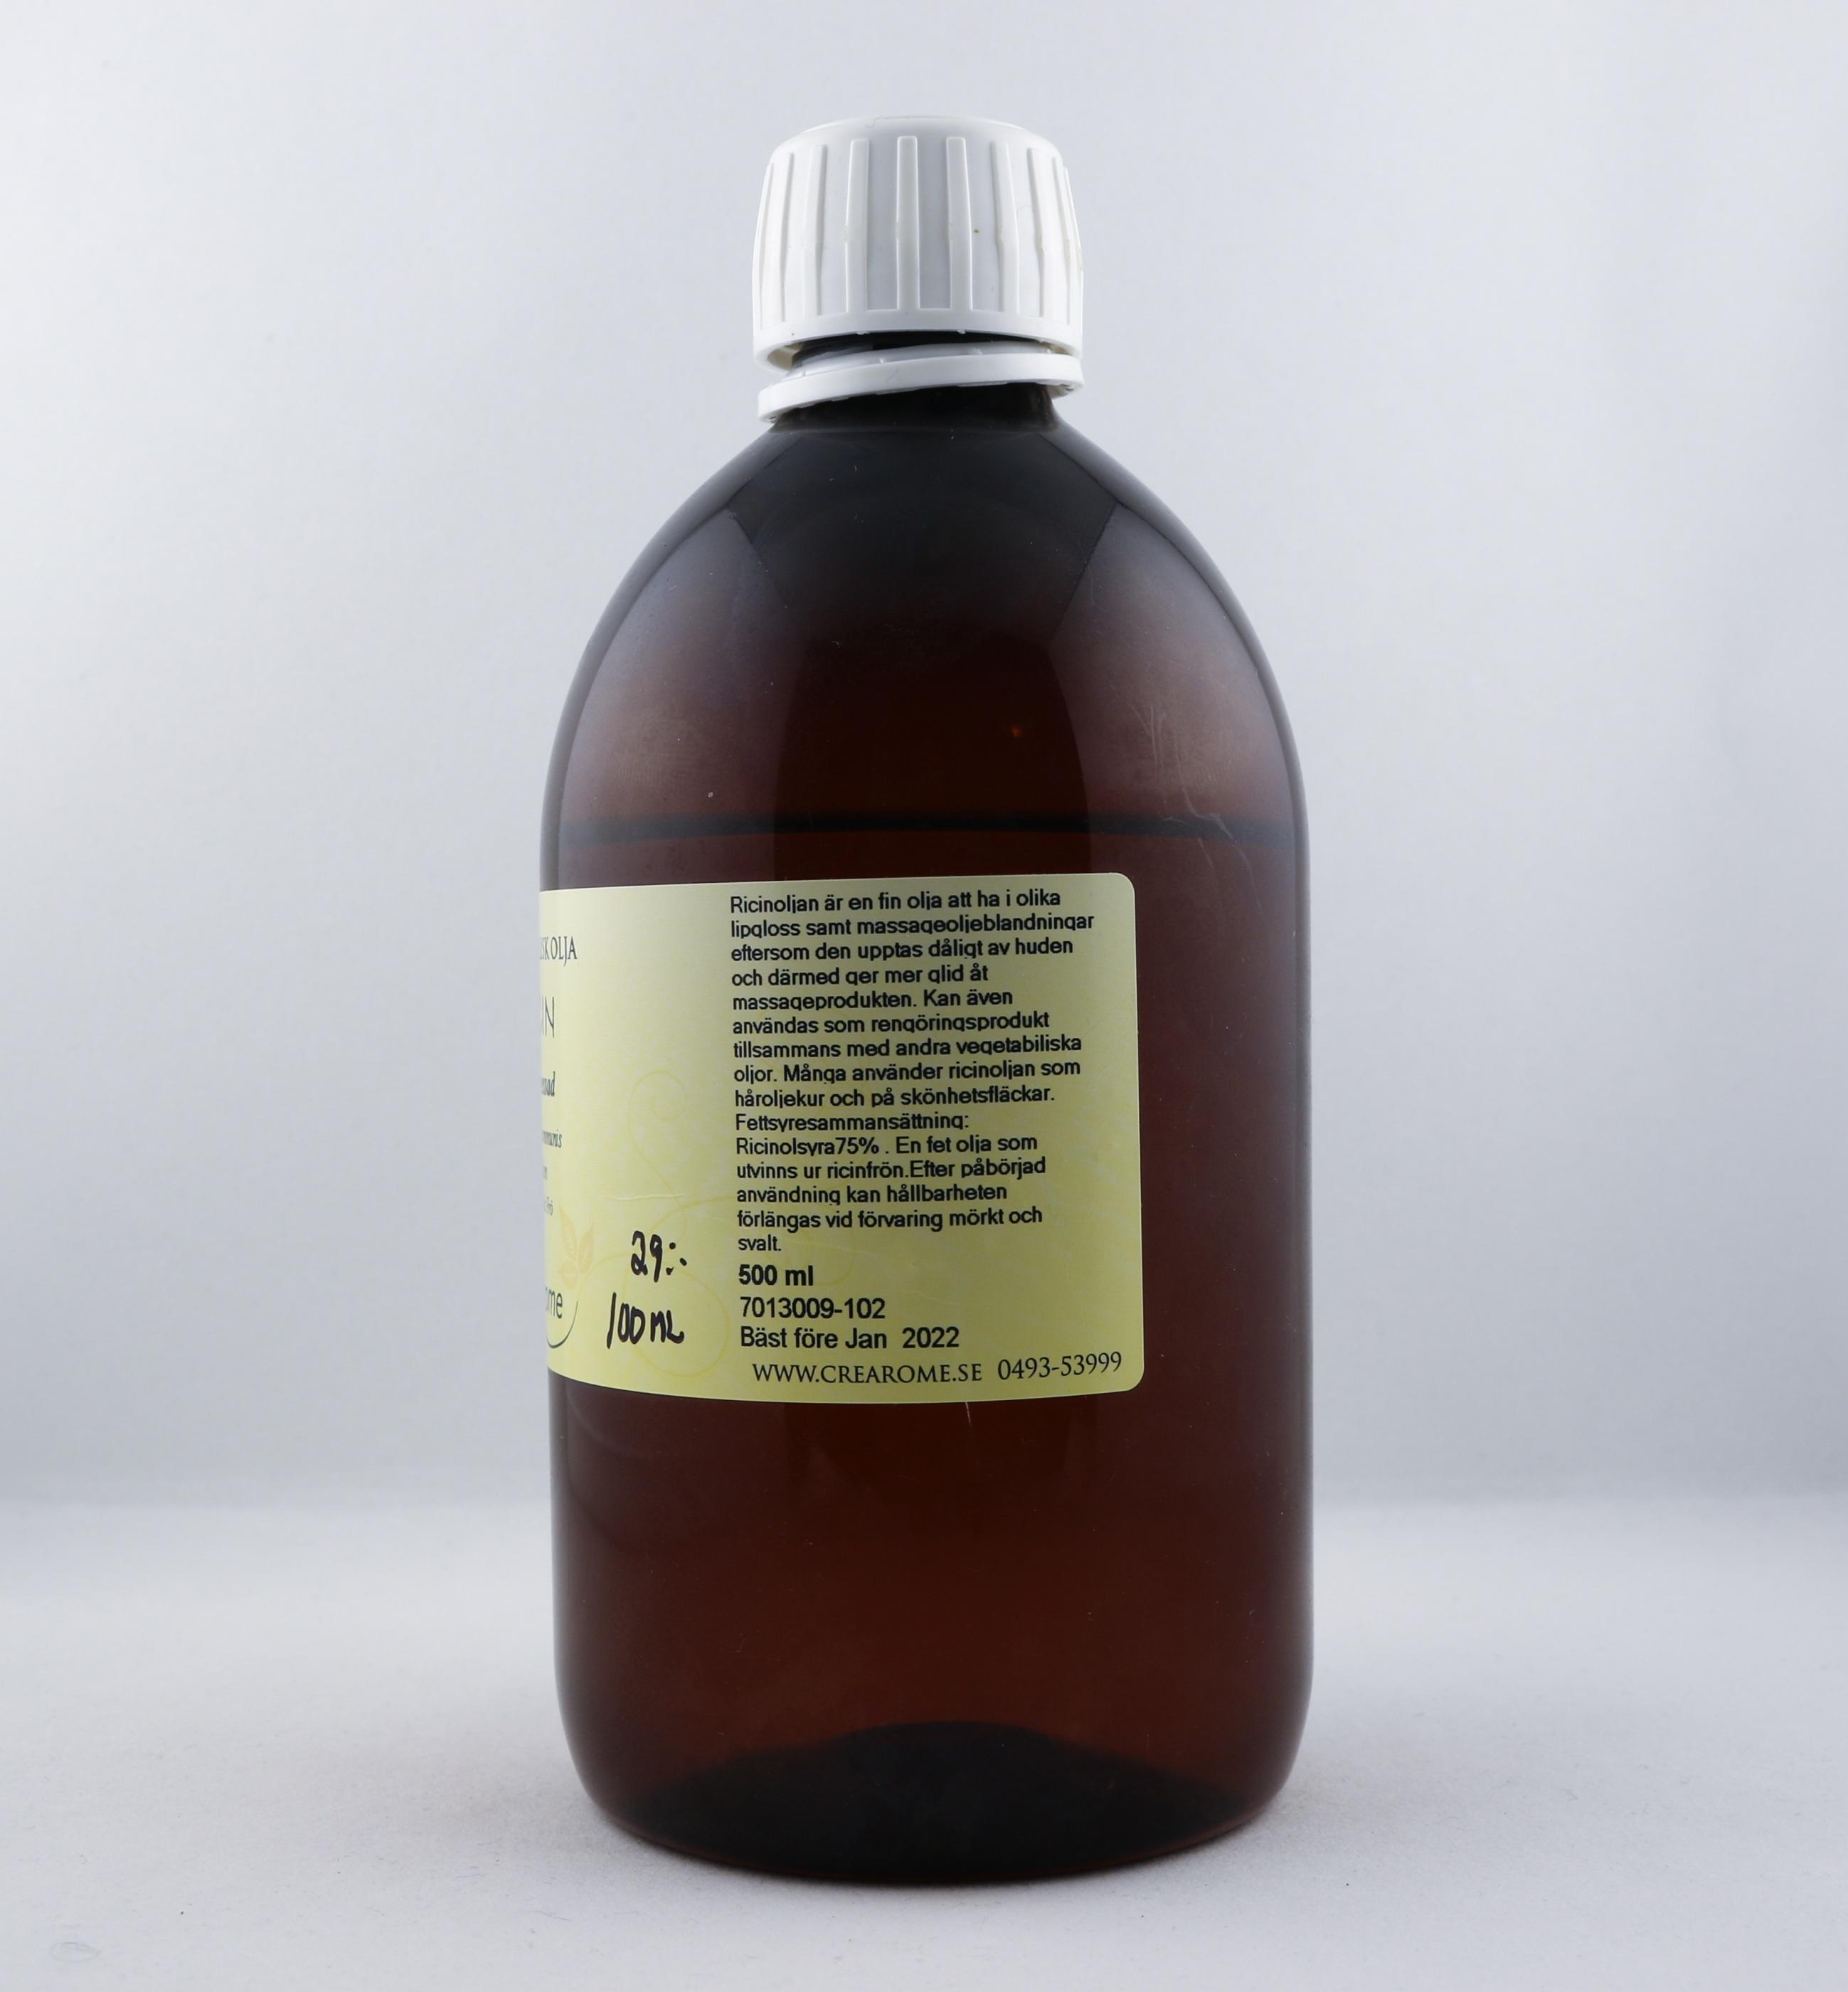 Ricin olja wellness ayurveda halmstad sweden svensk massage olja